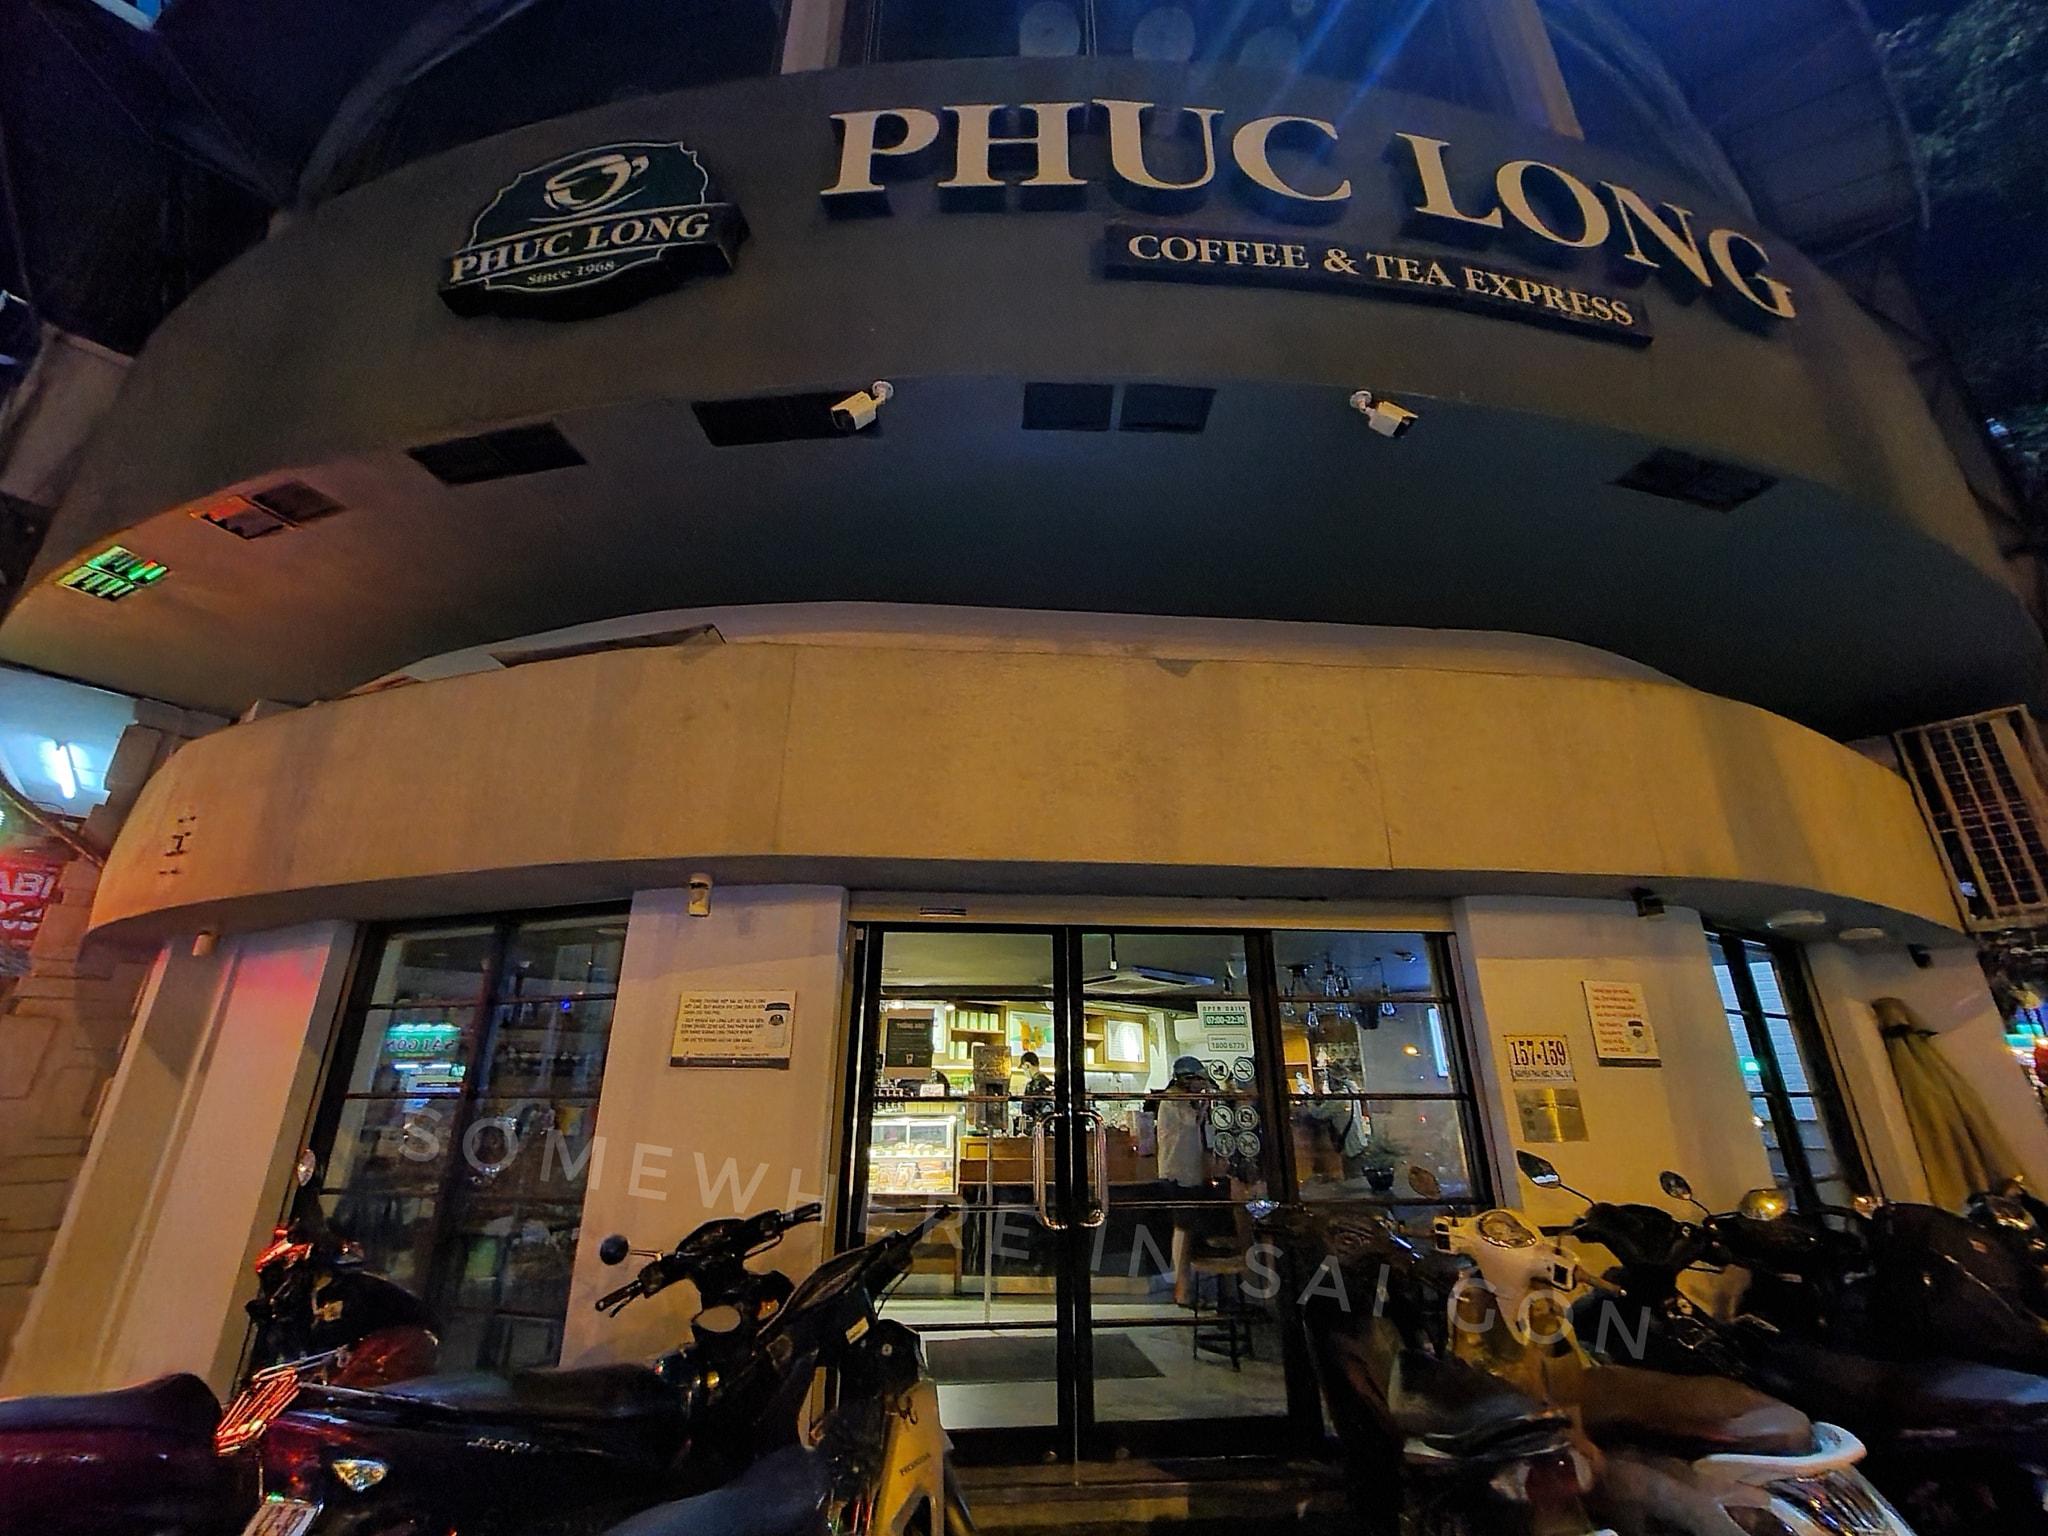 Hàng loạt hàng quán ở Sài Gòn đóng cửa ngay sau quyết định tạm ngưng hoạt động